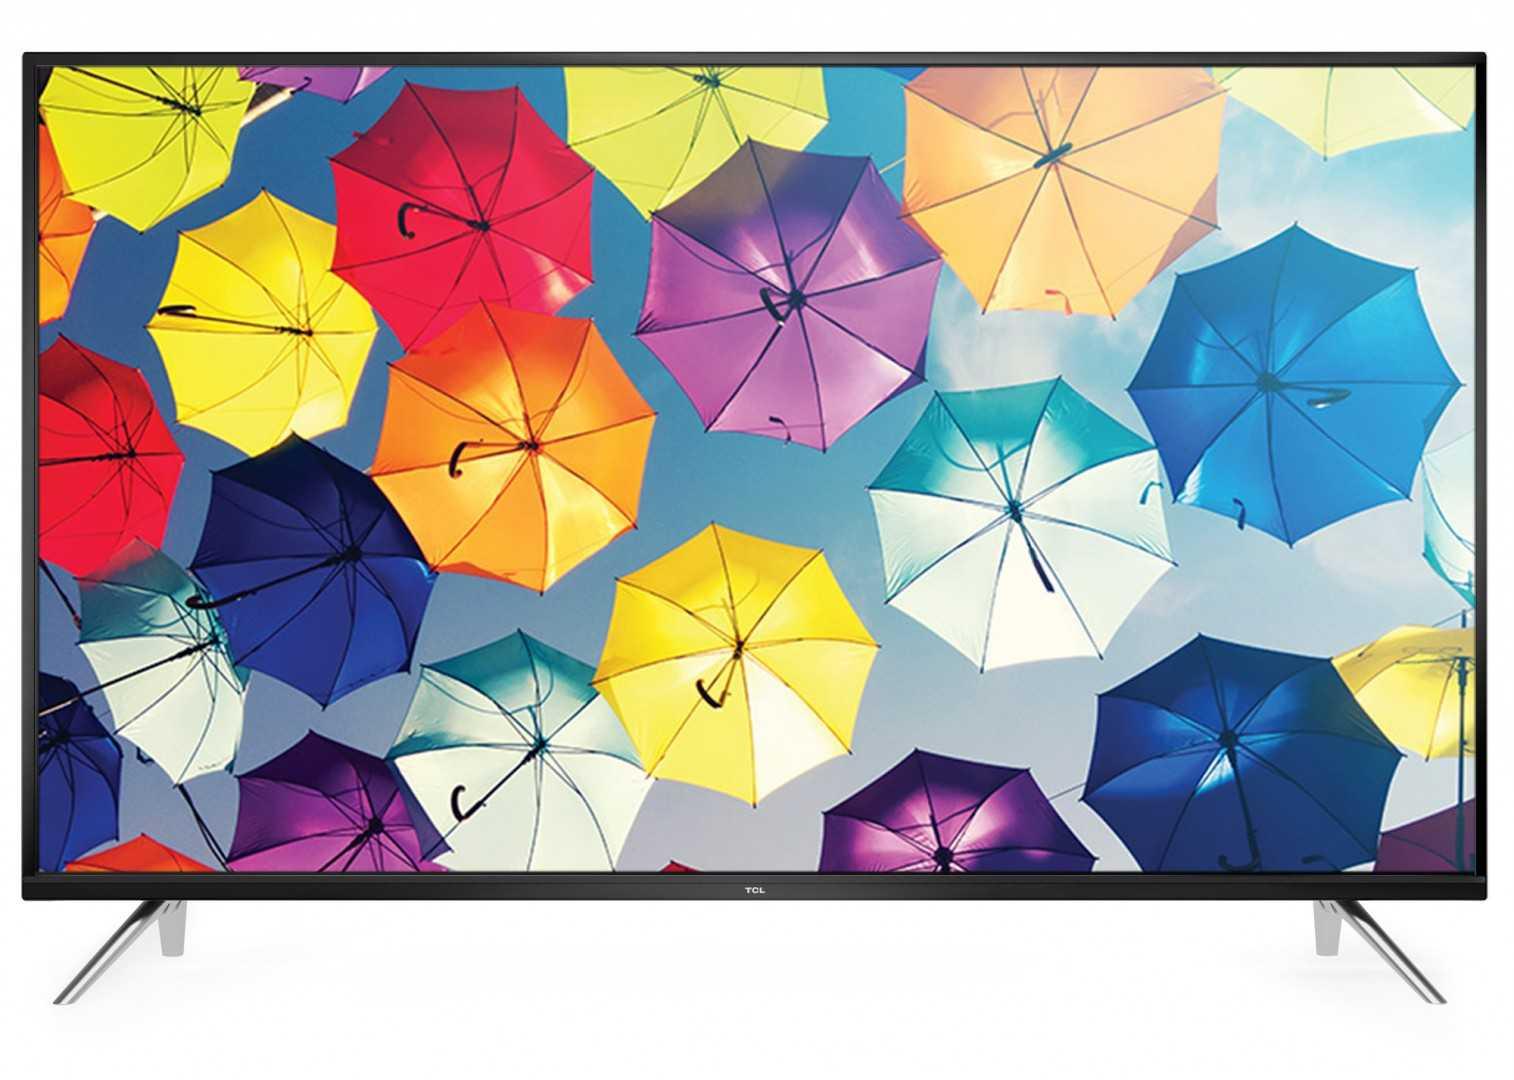 טלוויזיה TCL 43S6500 Full HD 43 אינטש